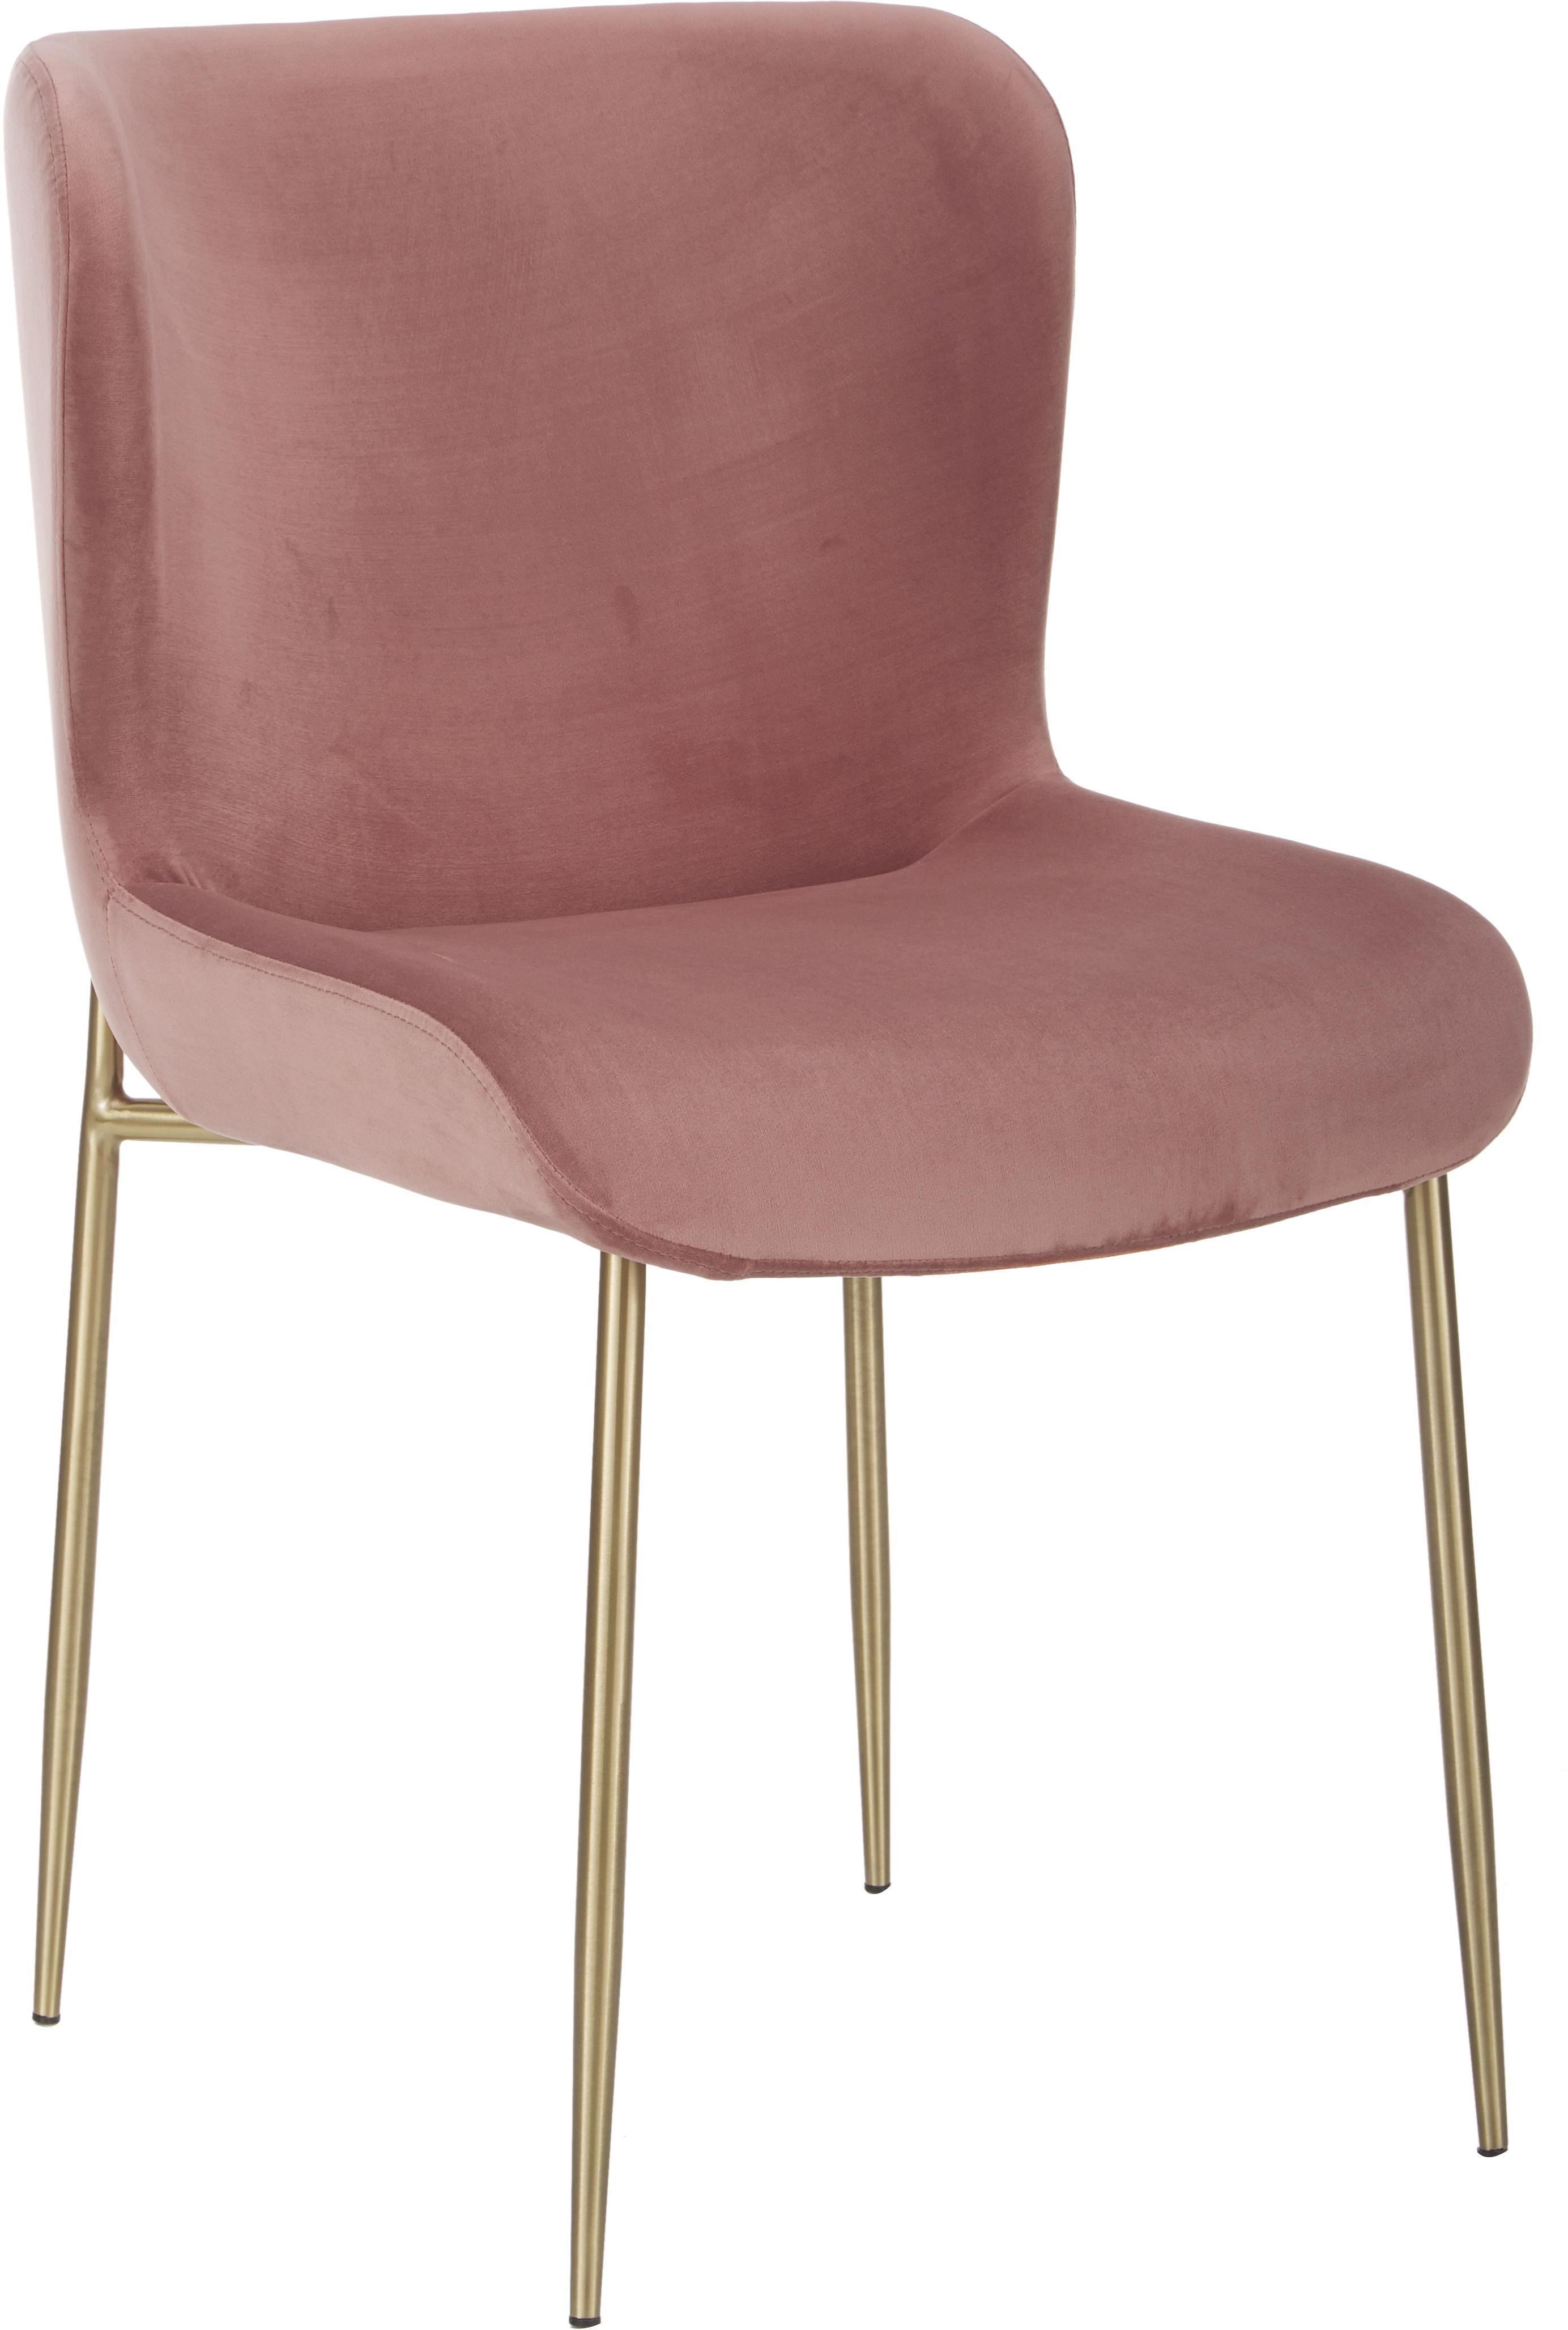 Silla de terciopelo Tess, Tapizado: terciopelo (poliéster) 30, Patas: metal recubierto, Terciopelo rosa palo, An 48 x Al 84 cm